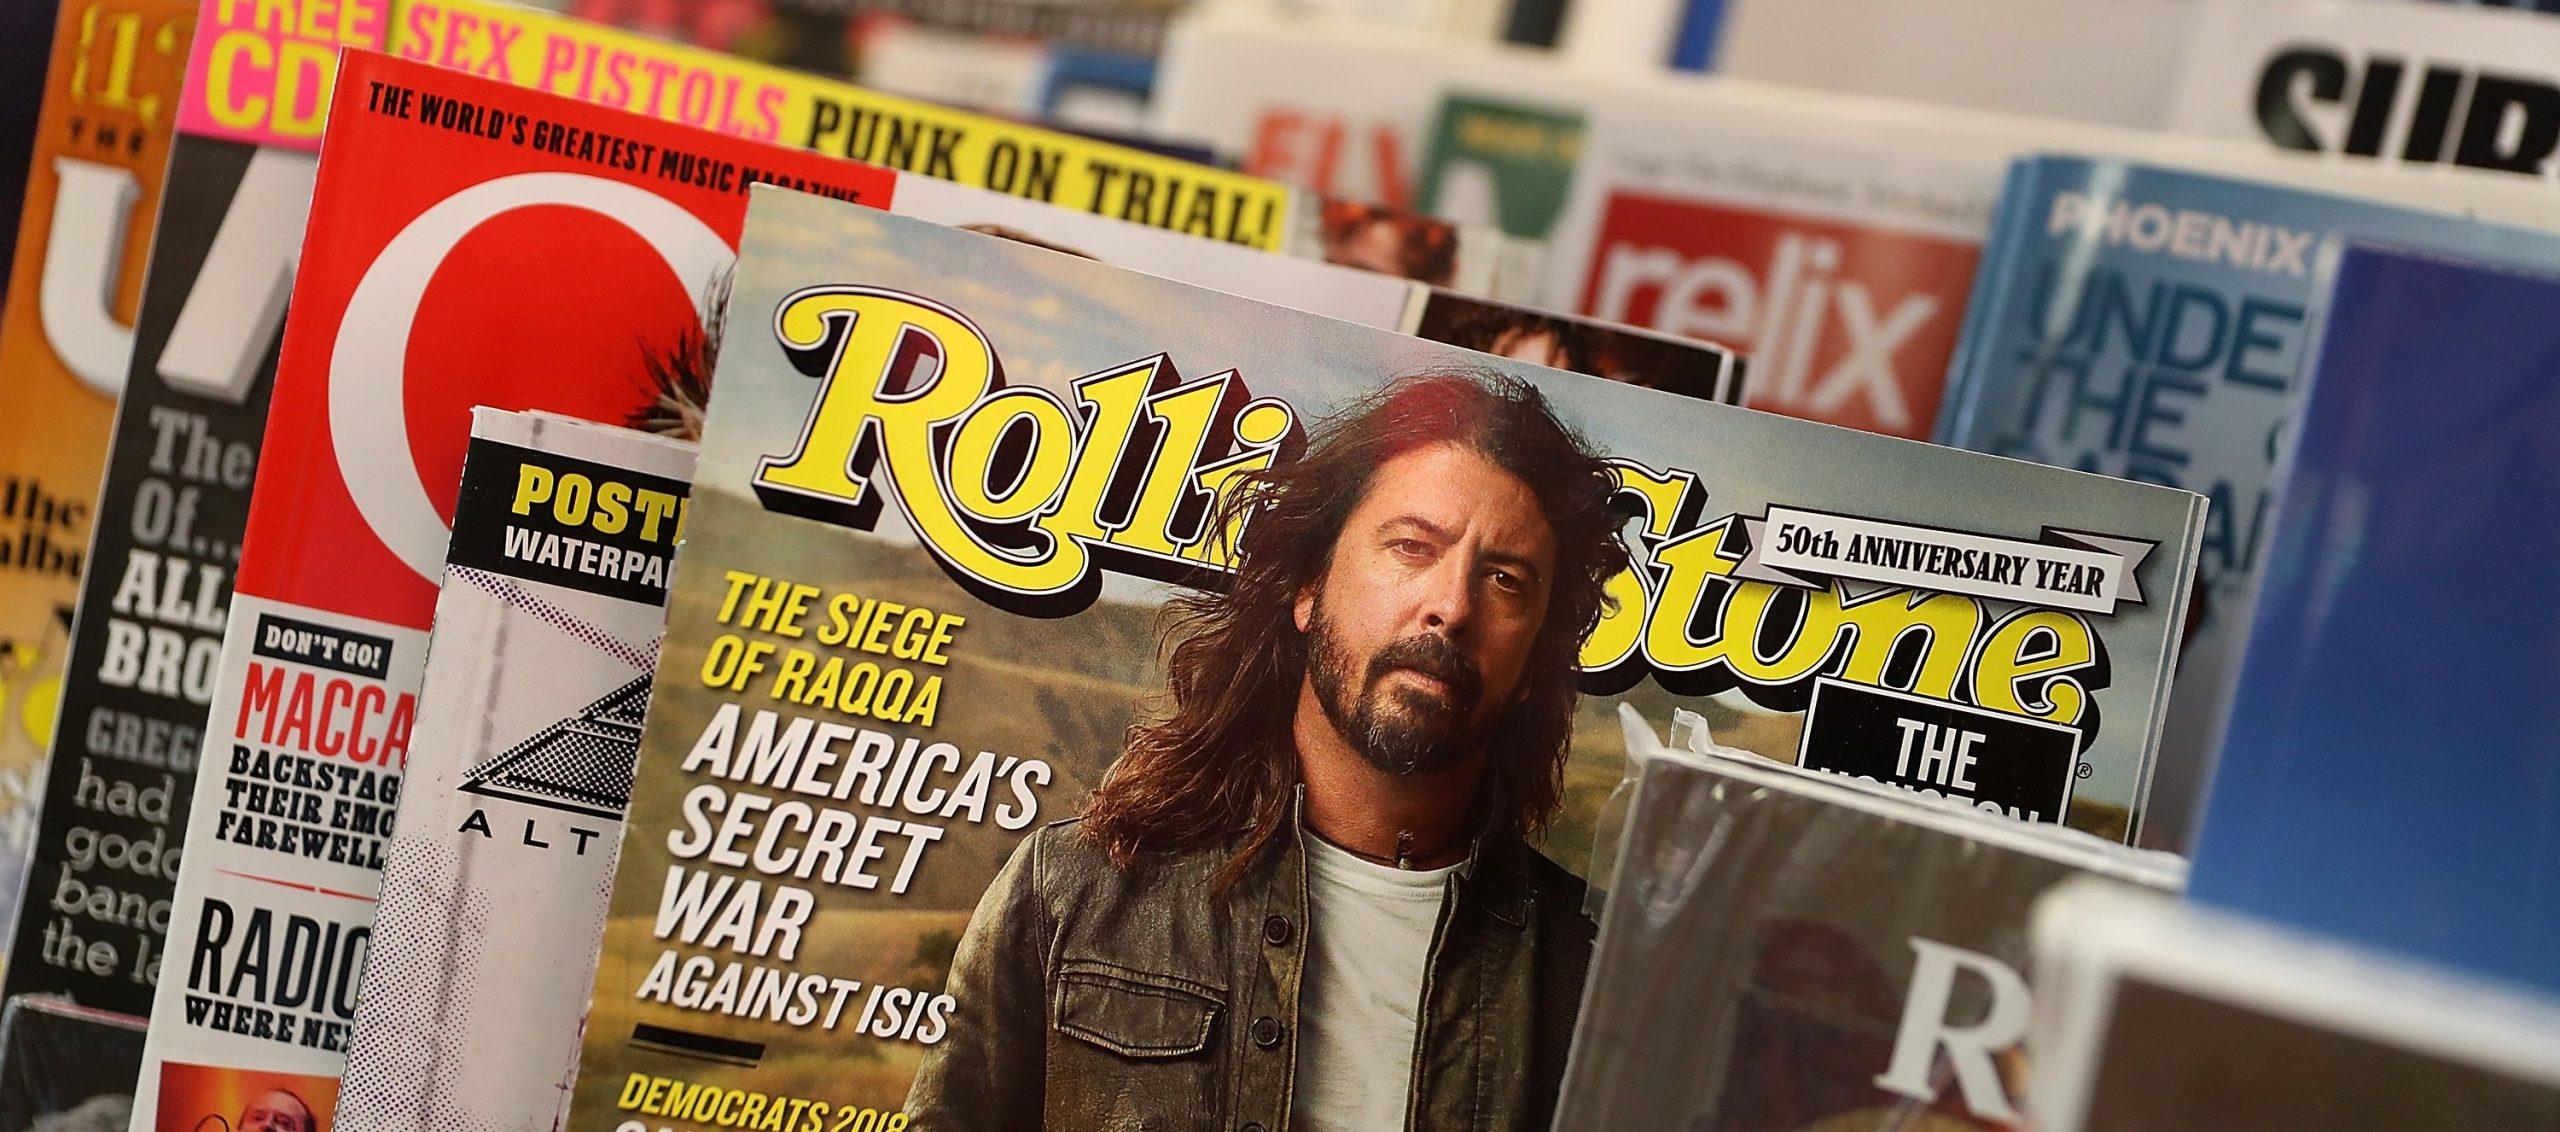 Muzikos žurnalai – nykstanti muzikos žurnalistikos rūšis. Justin Sullivan ir Getty images portalo nuotr.